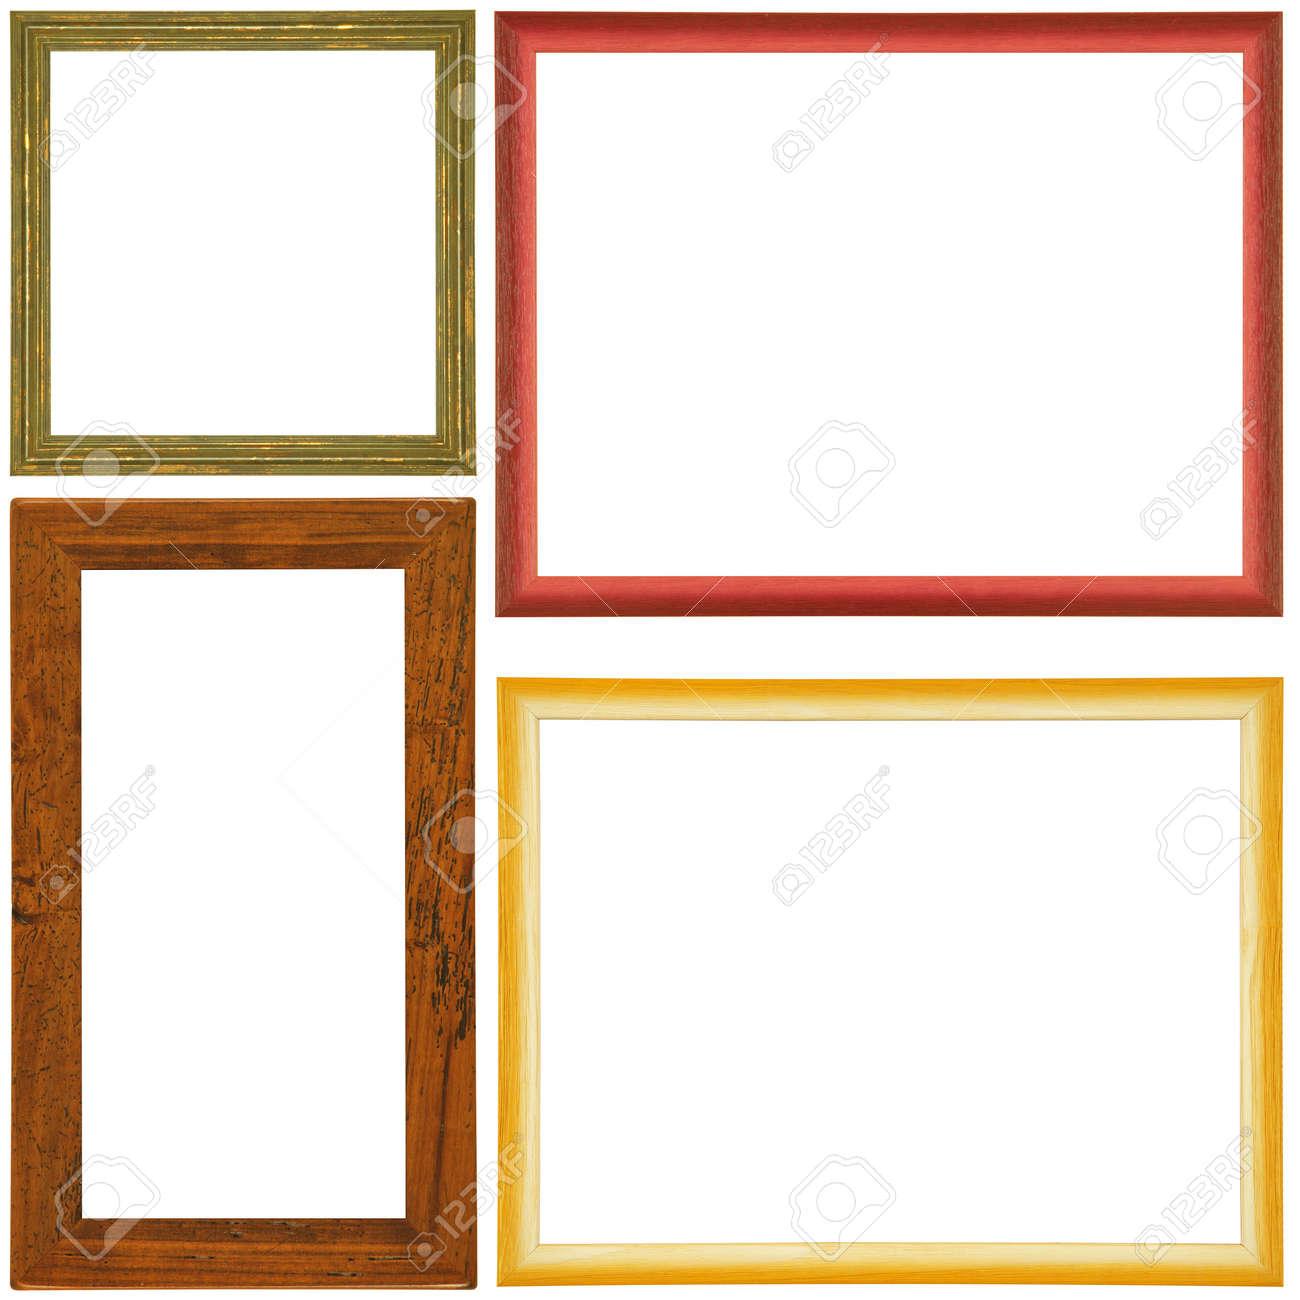 Jahrgang Bilderrahmen, Holz Vergoldet, Mit Weißem Hintergrund ...